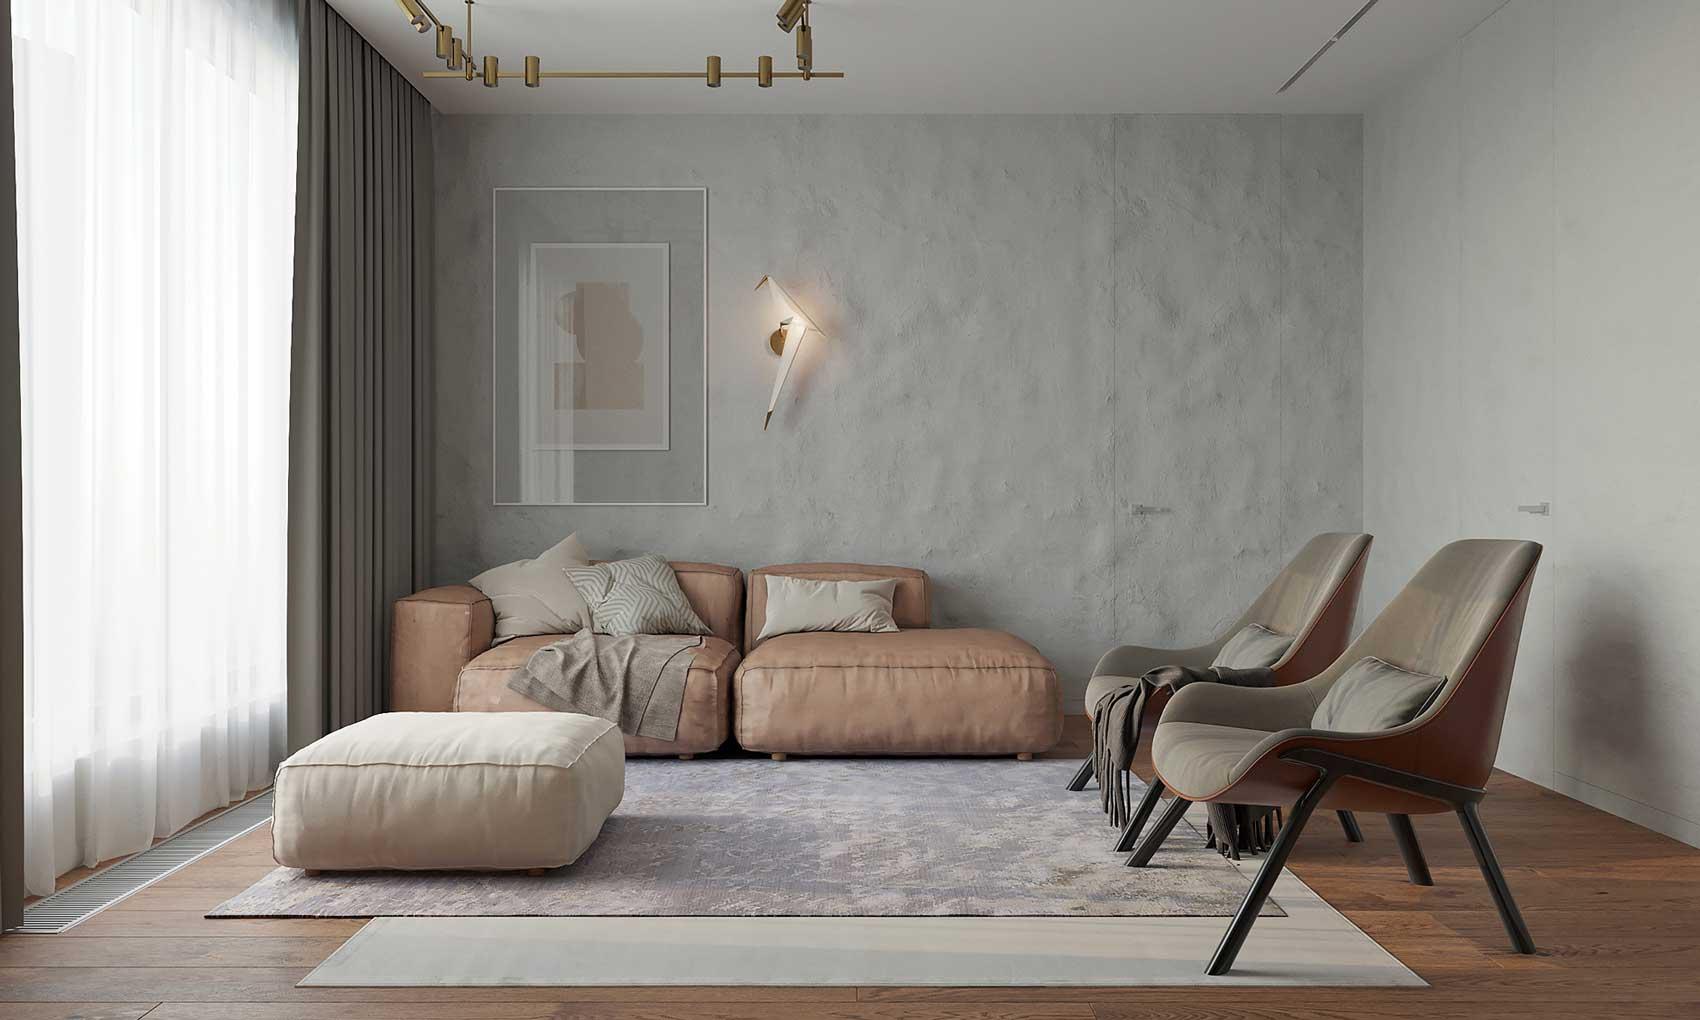 Le tadelakt s'accorde avec des couleurs pastel pour un intérieur contemporain au charme doux